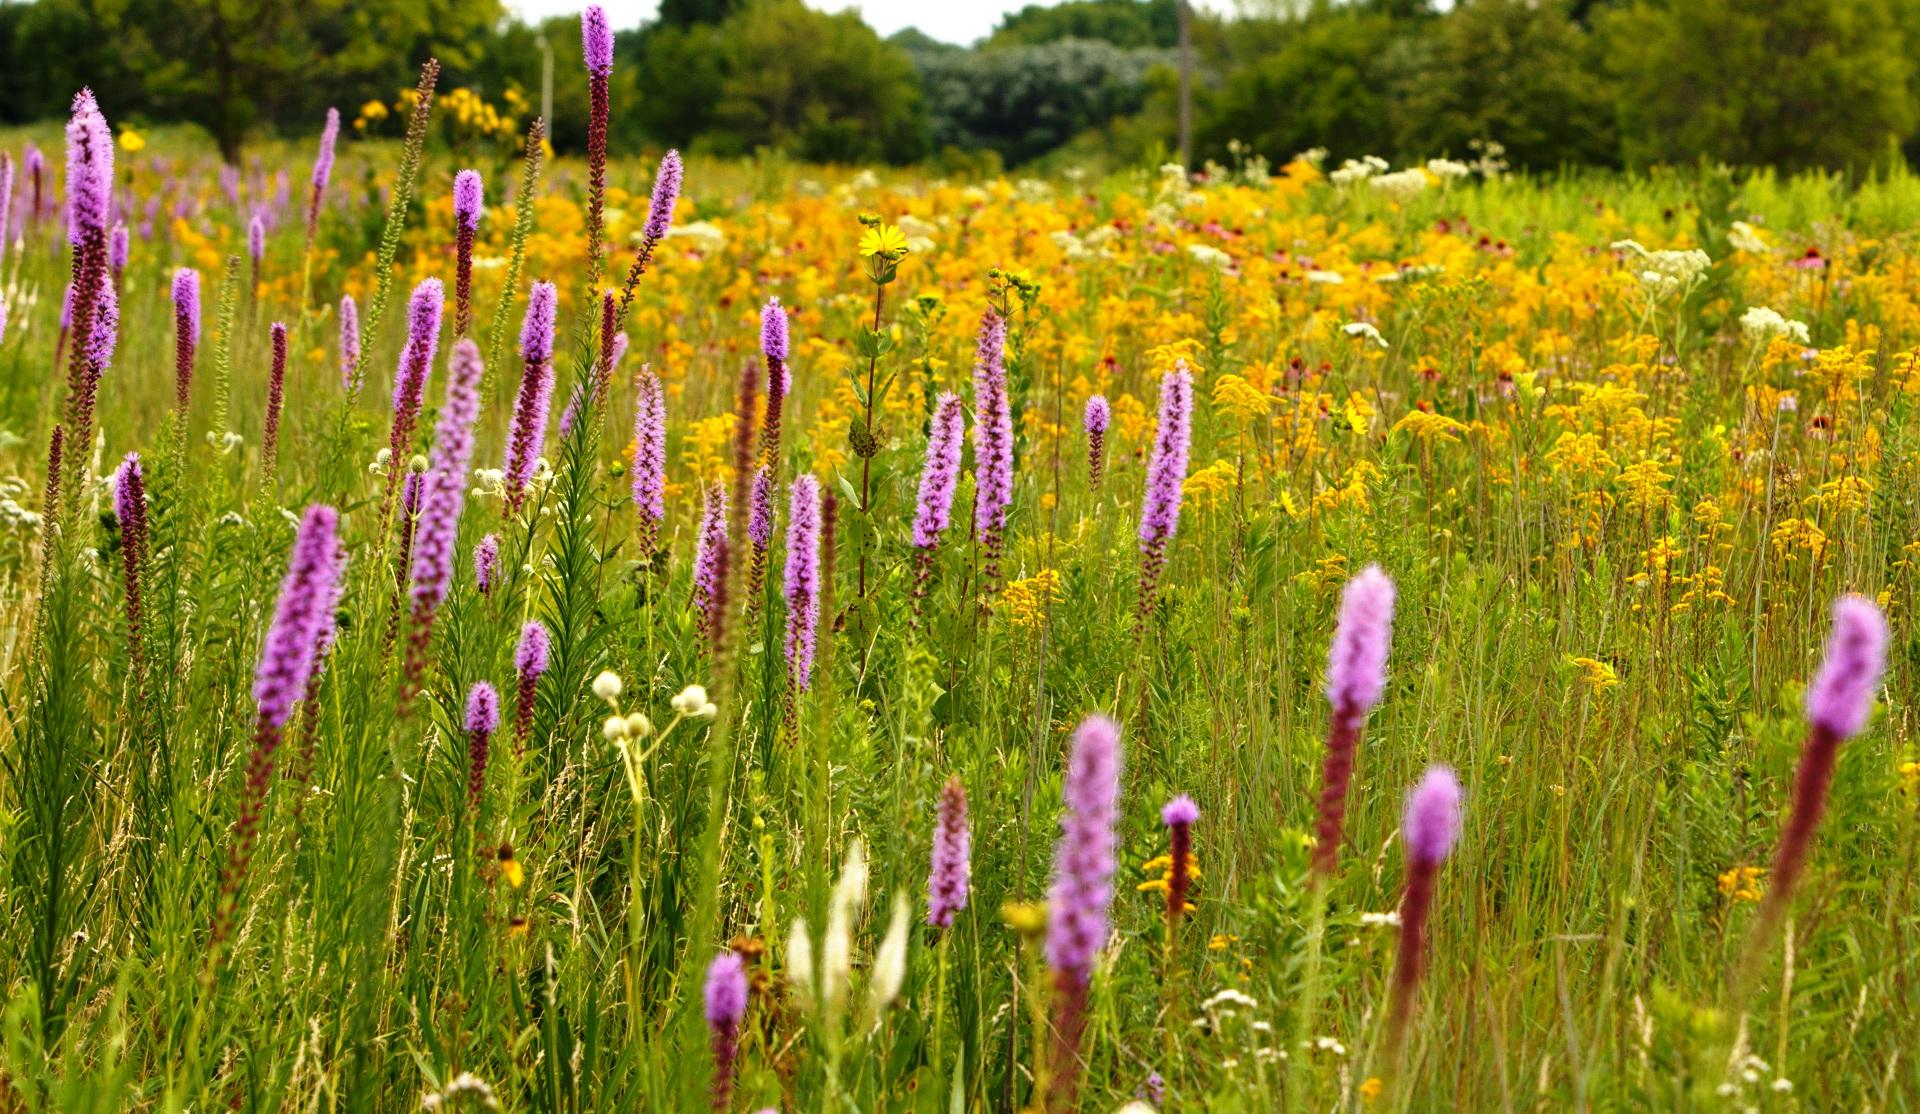 Prairie ecosystems, Gottfried history talk Jul 10